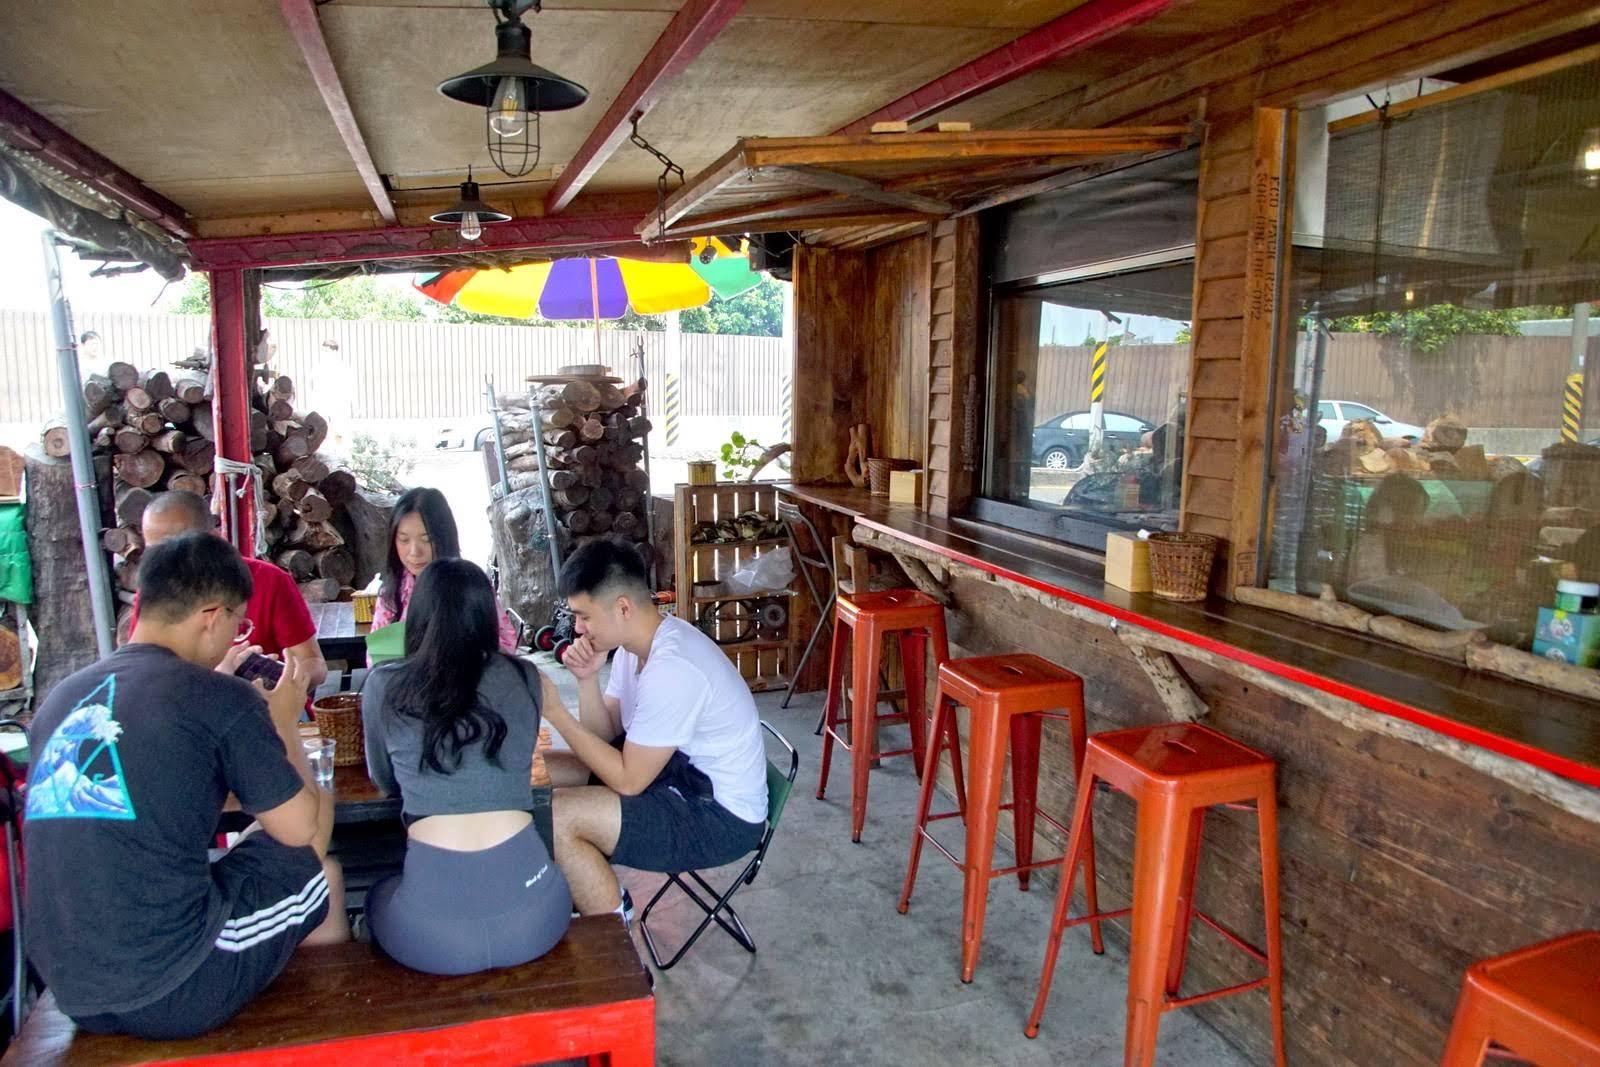 [台南][安南區] 木漢堡|原木炭烤聚落|拉阿魯哇族的黑色漢堡|食記